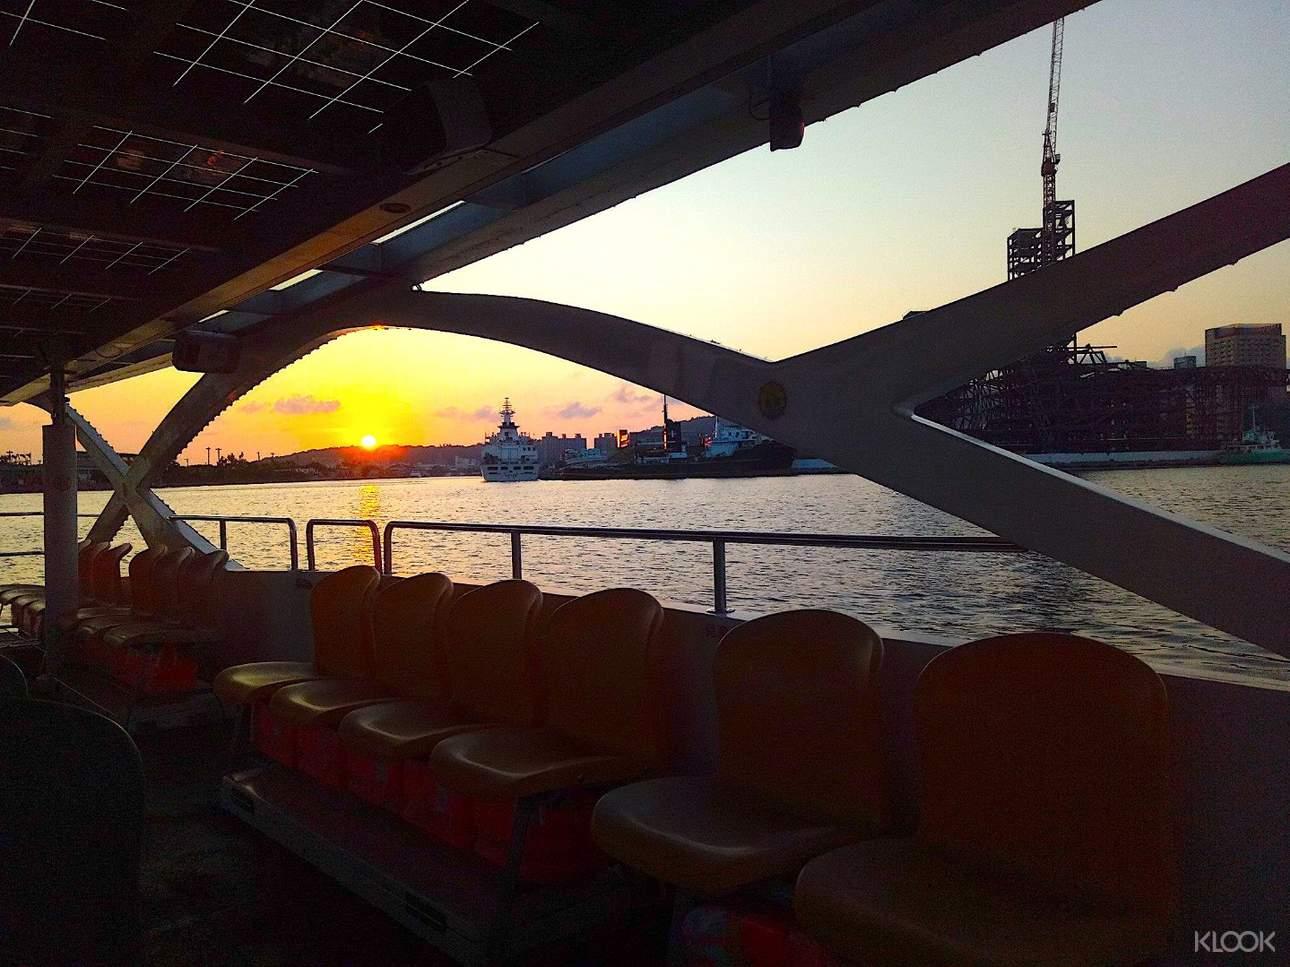 選擇夕陽時段出航,在船上欣賞落日,充滿詩意